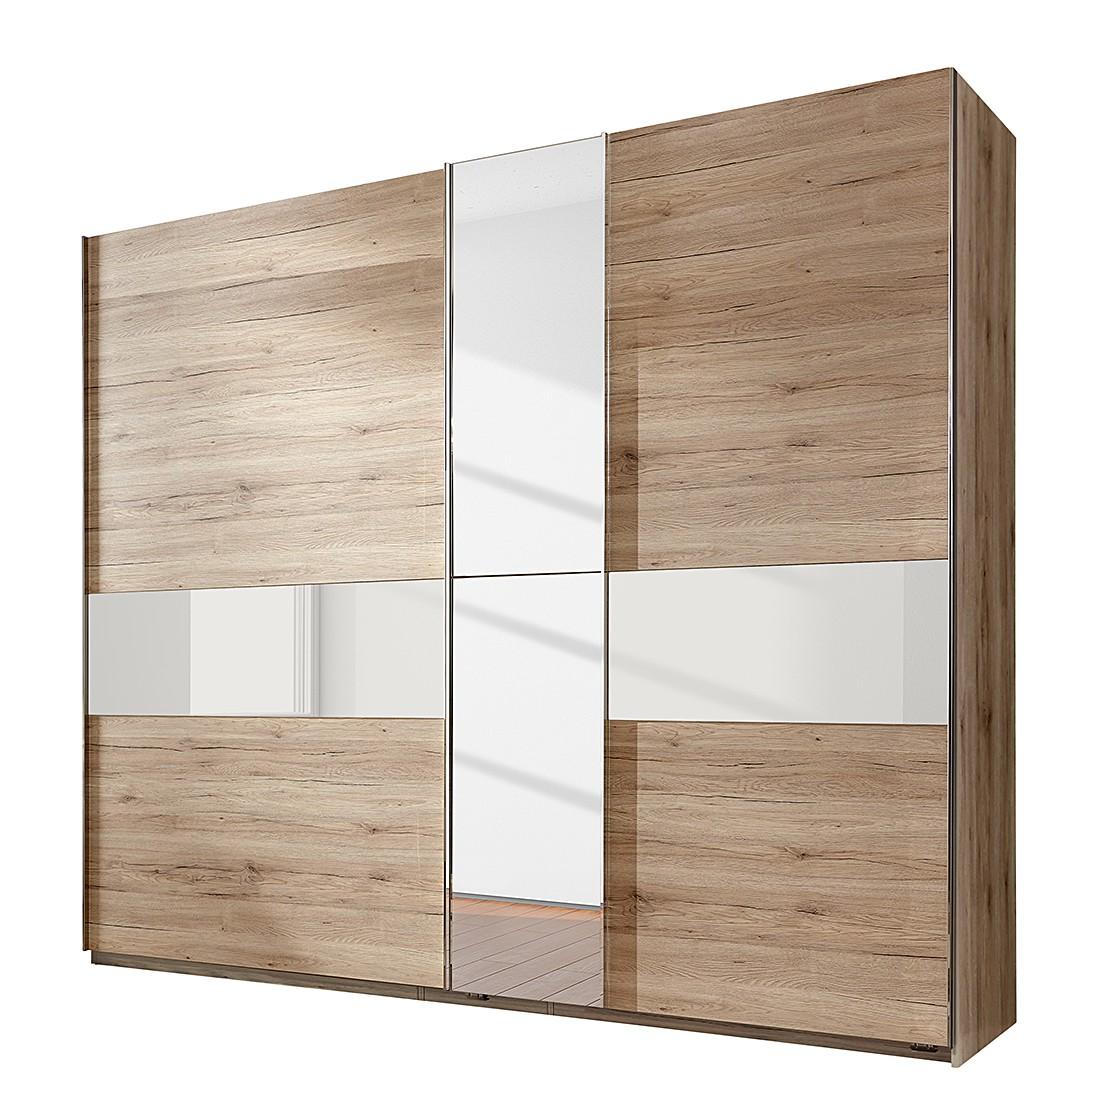 preisvergleich eu schwebet renschrank spiegel 200 cm. Black Bedroom Furniture Sets. Home Design Ideas